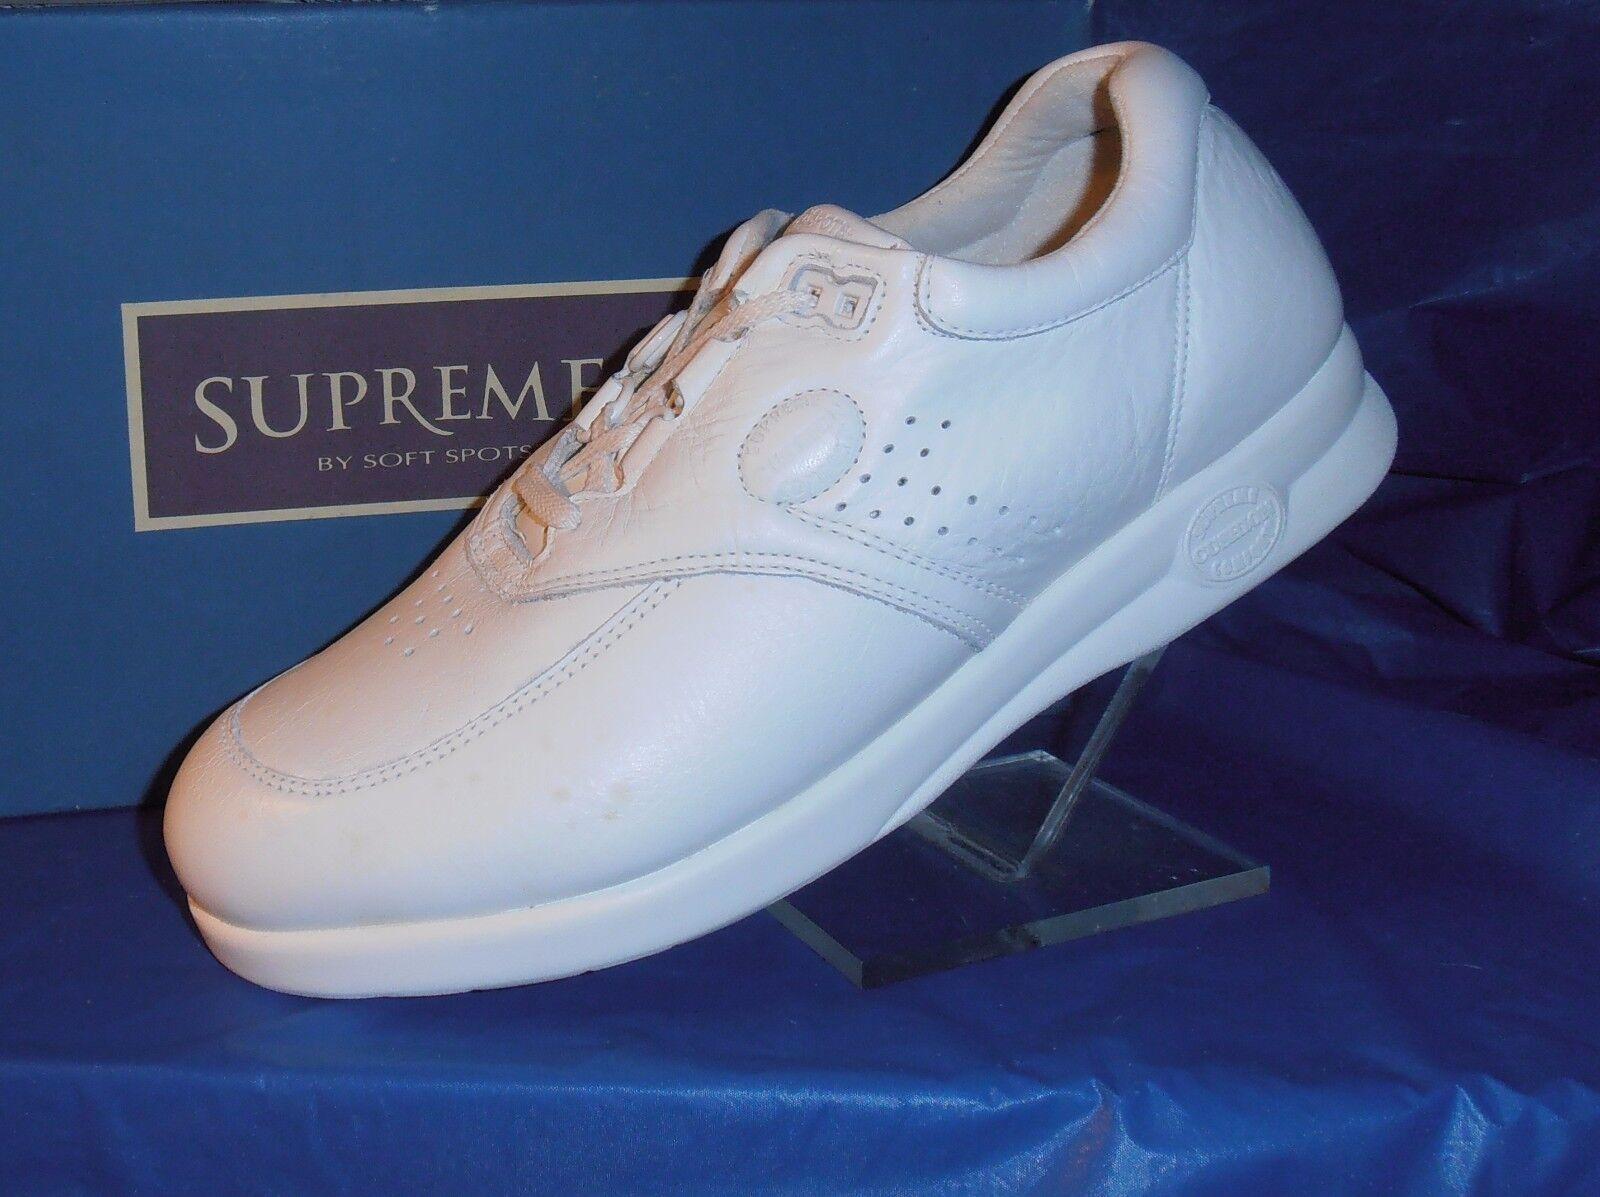 Scarpe casual da uomo uomos Supremes,White Oxford Size 15 M Sale $ 58.90